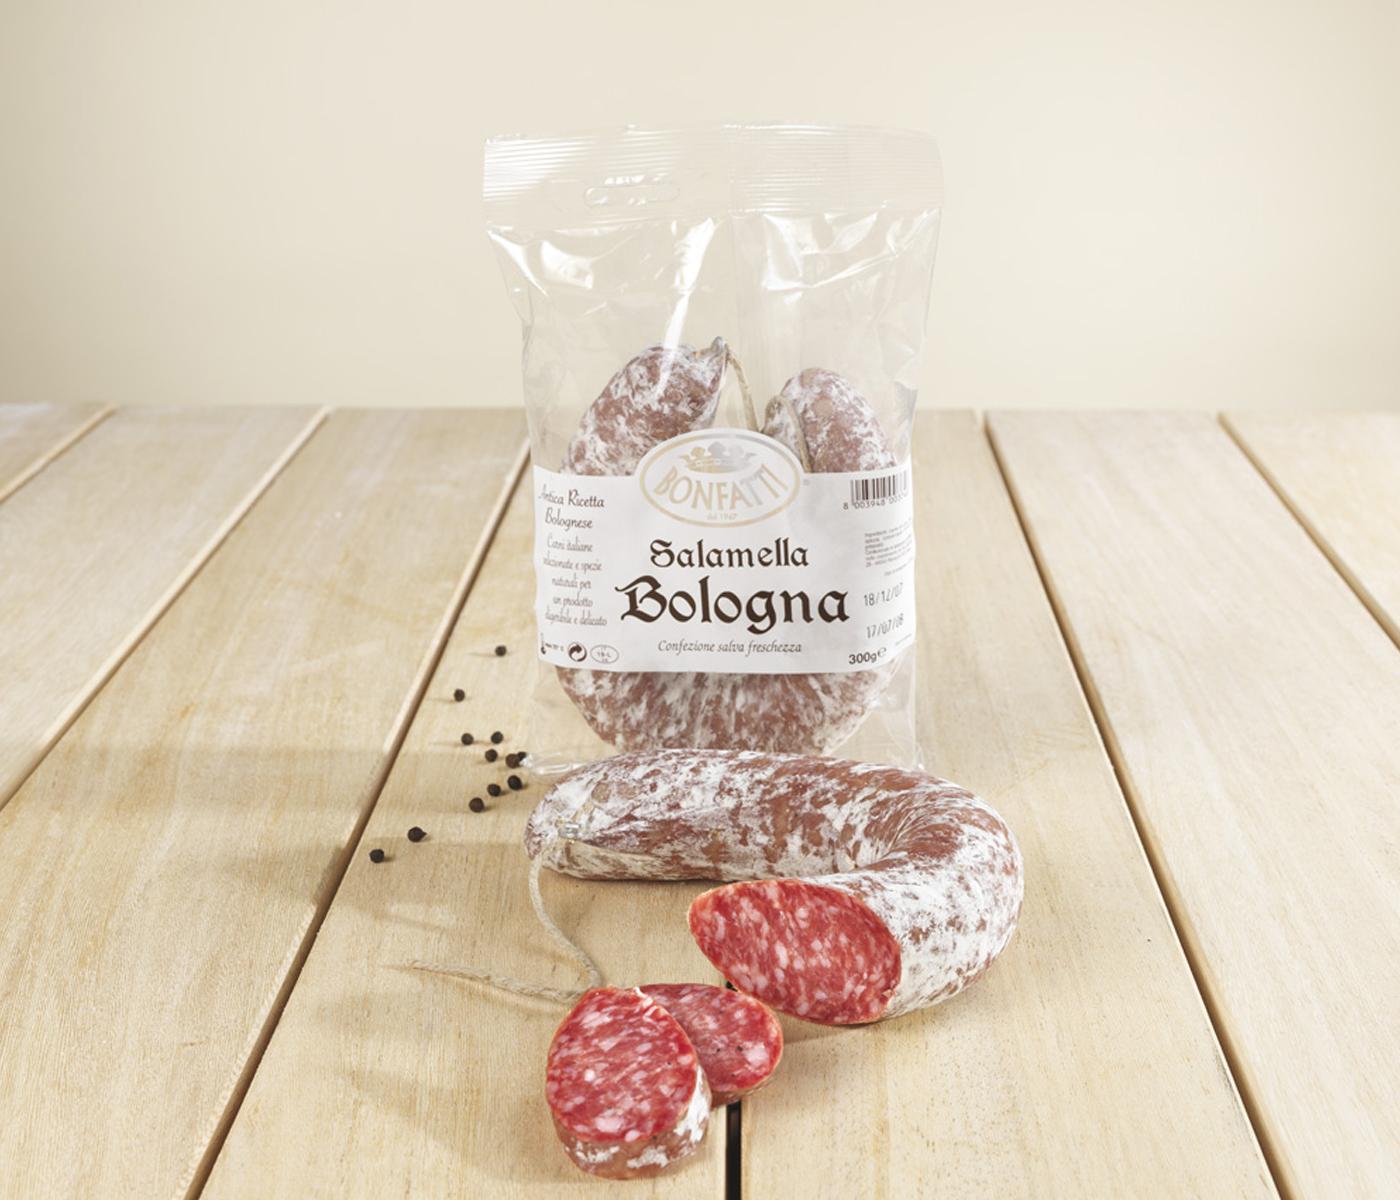 Salamella Bologna Bonfatti Salumi